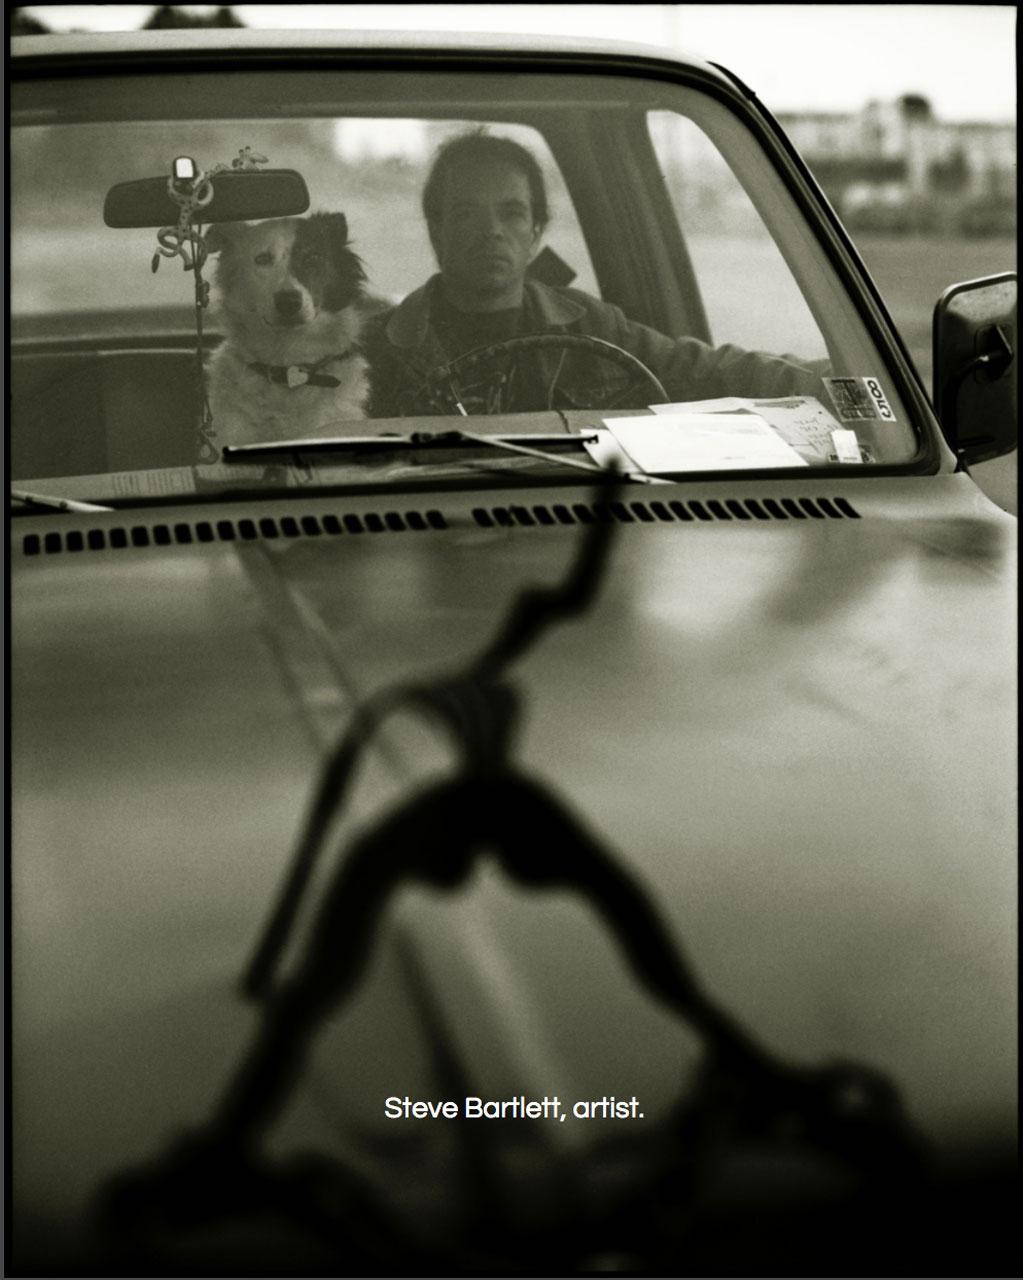 Portrait - Artist, Steve Bartlett ©Chris Bartlett